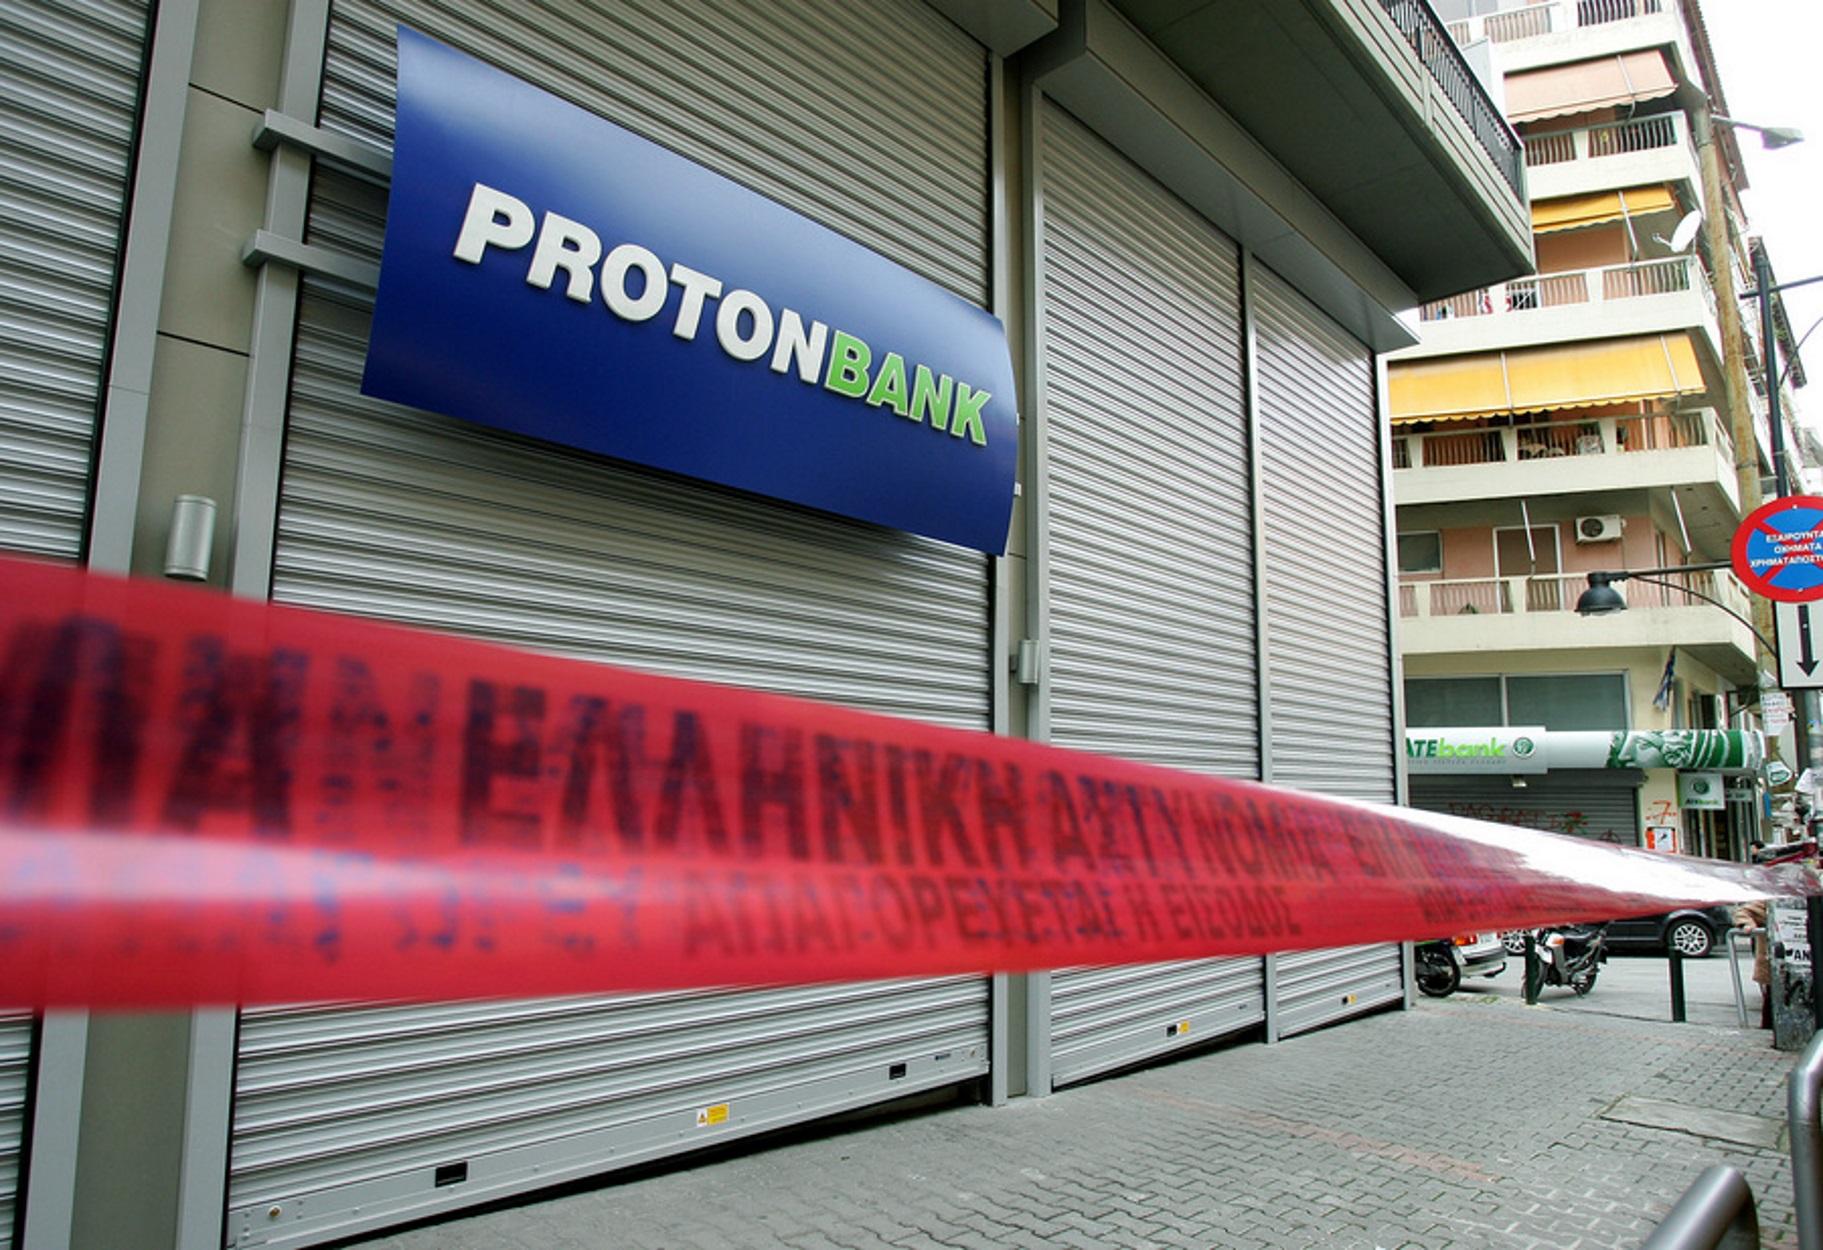 Καταδίκη Λαυρεντιάδη κι άλλων οκτώ και αθωώσεις για την Proton Bank